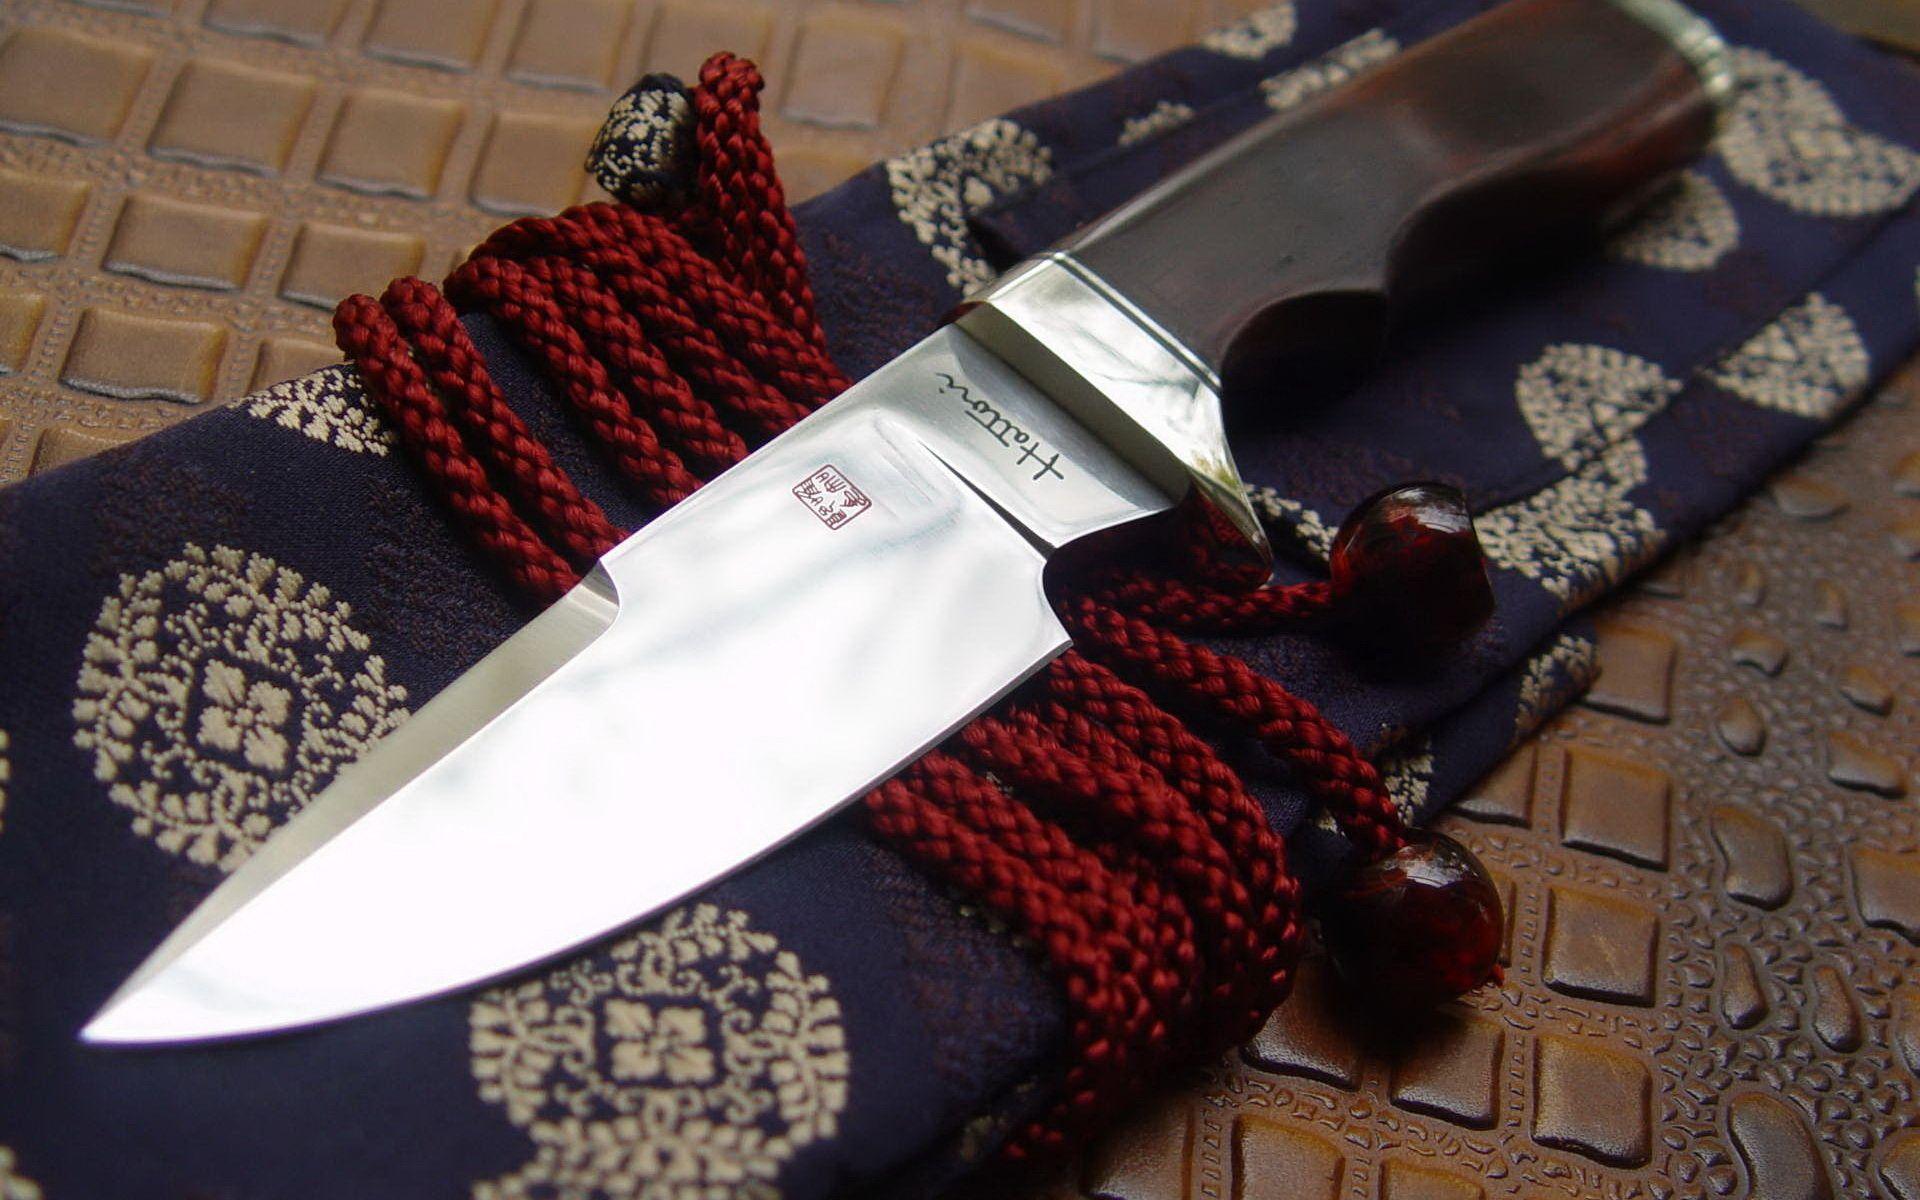 Почему нельзя дарить ножи: приметы и суеверия